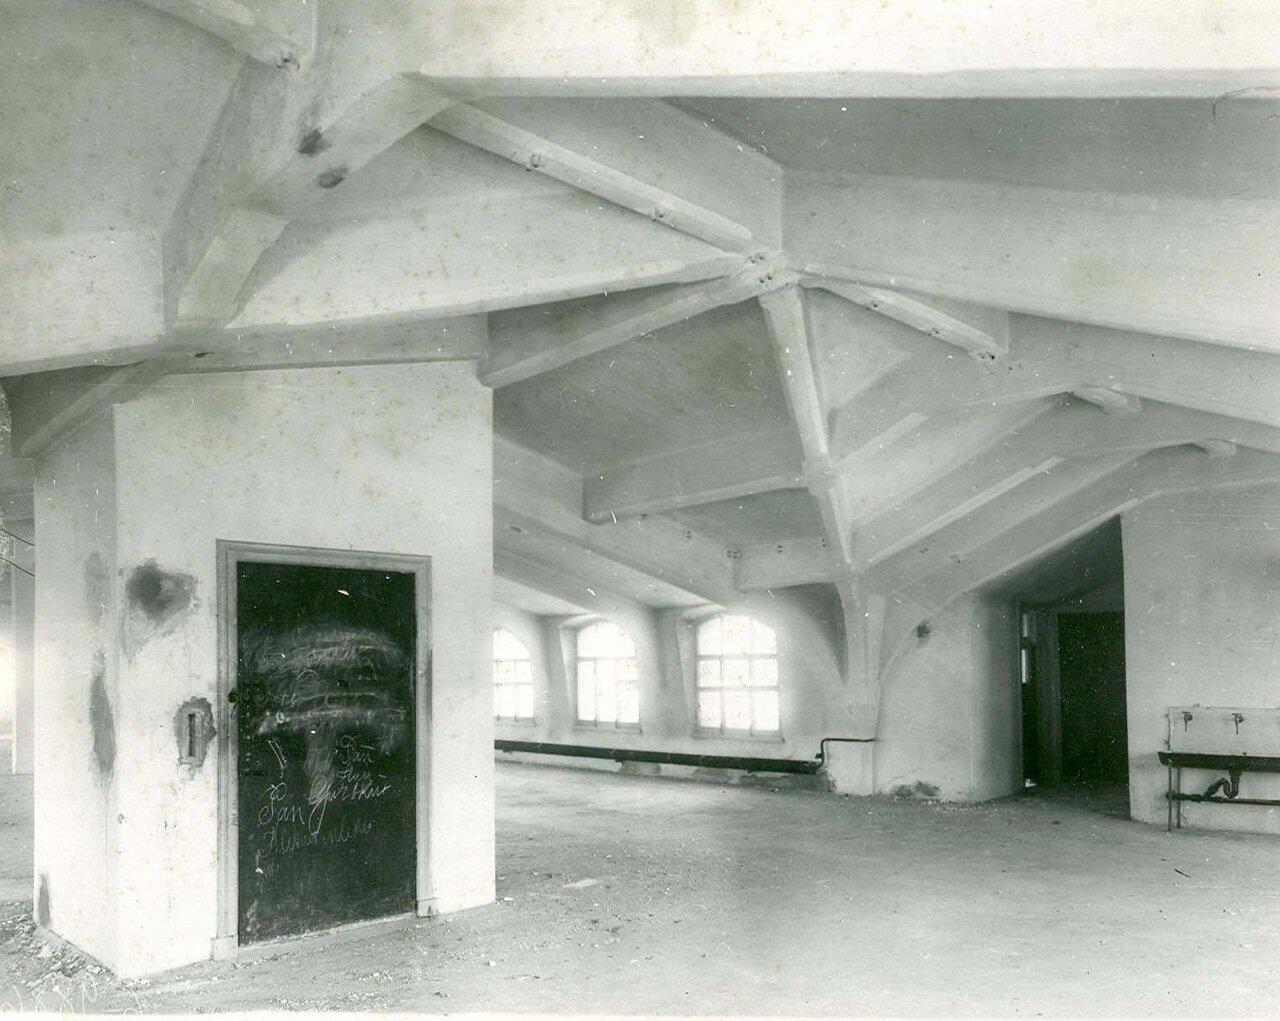 06. Образец железо-бетонной конструкции чердачного помещения